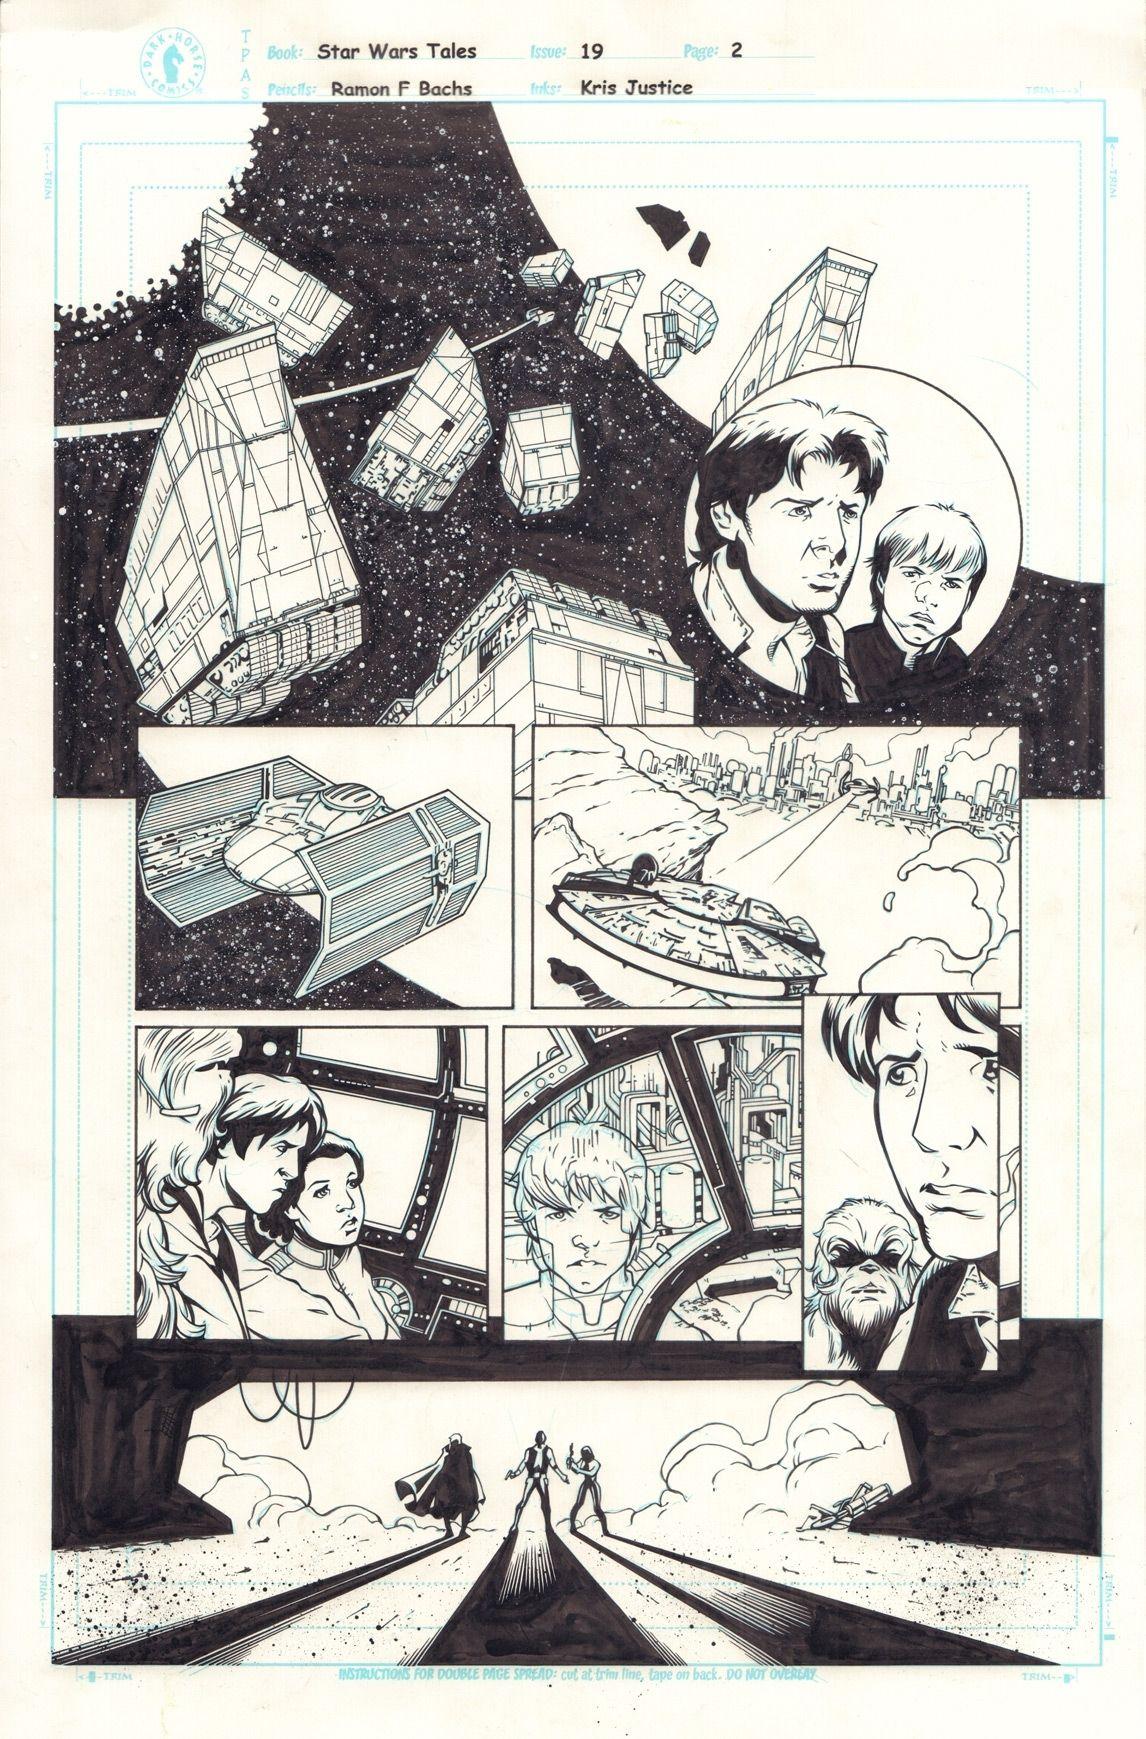 Star Wars Tales #19/2